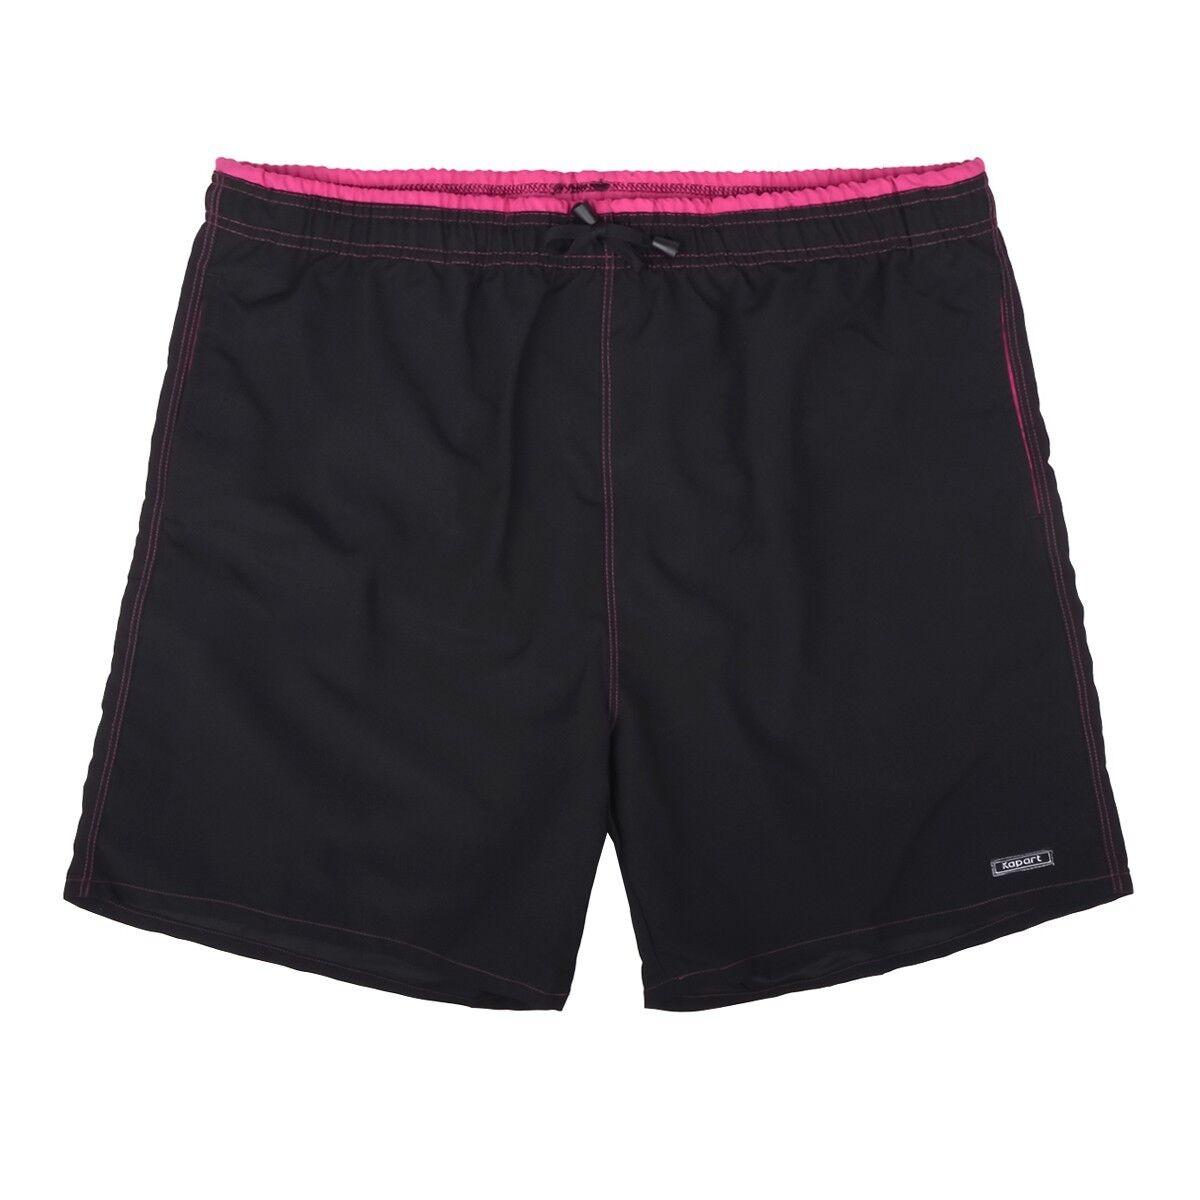 XXL Kapart Badehose Poseidon black-pink Übergrößen 8 10 12 14 16 NEU